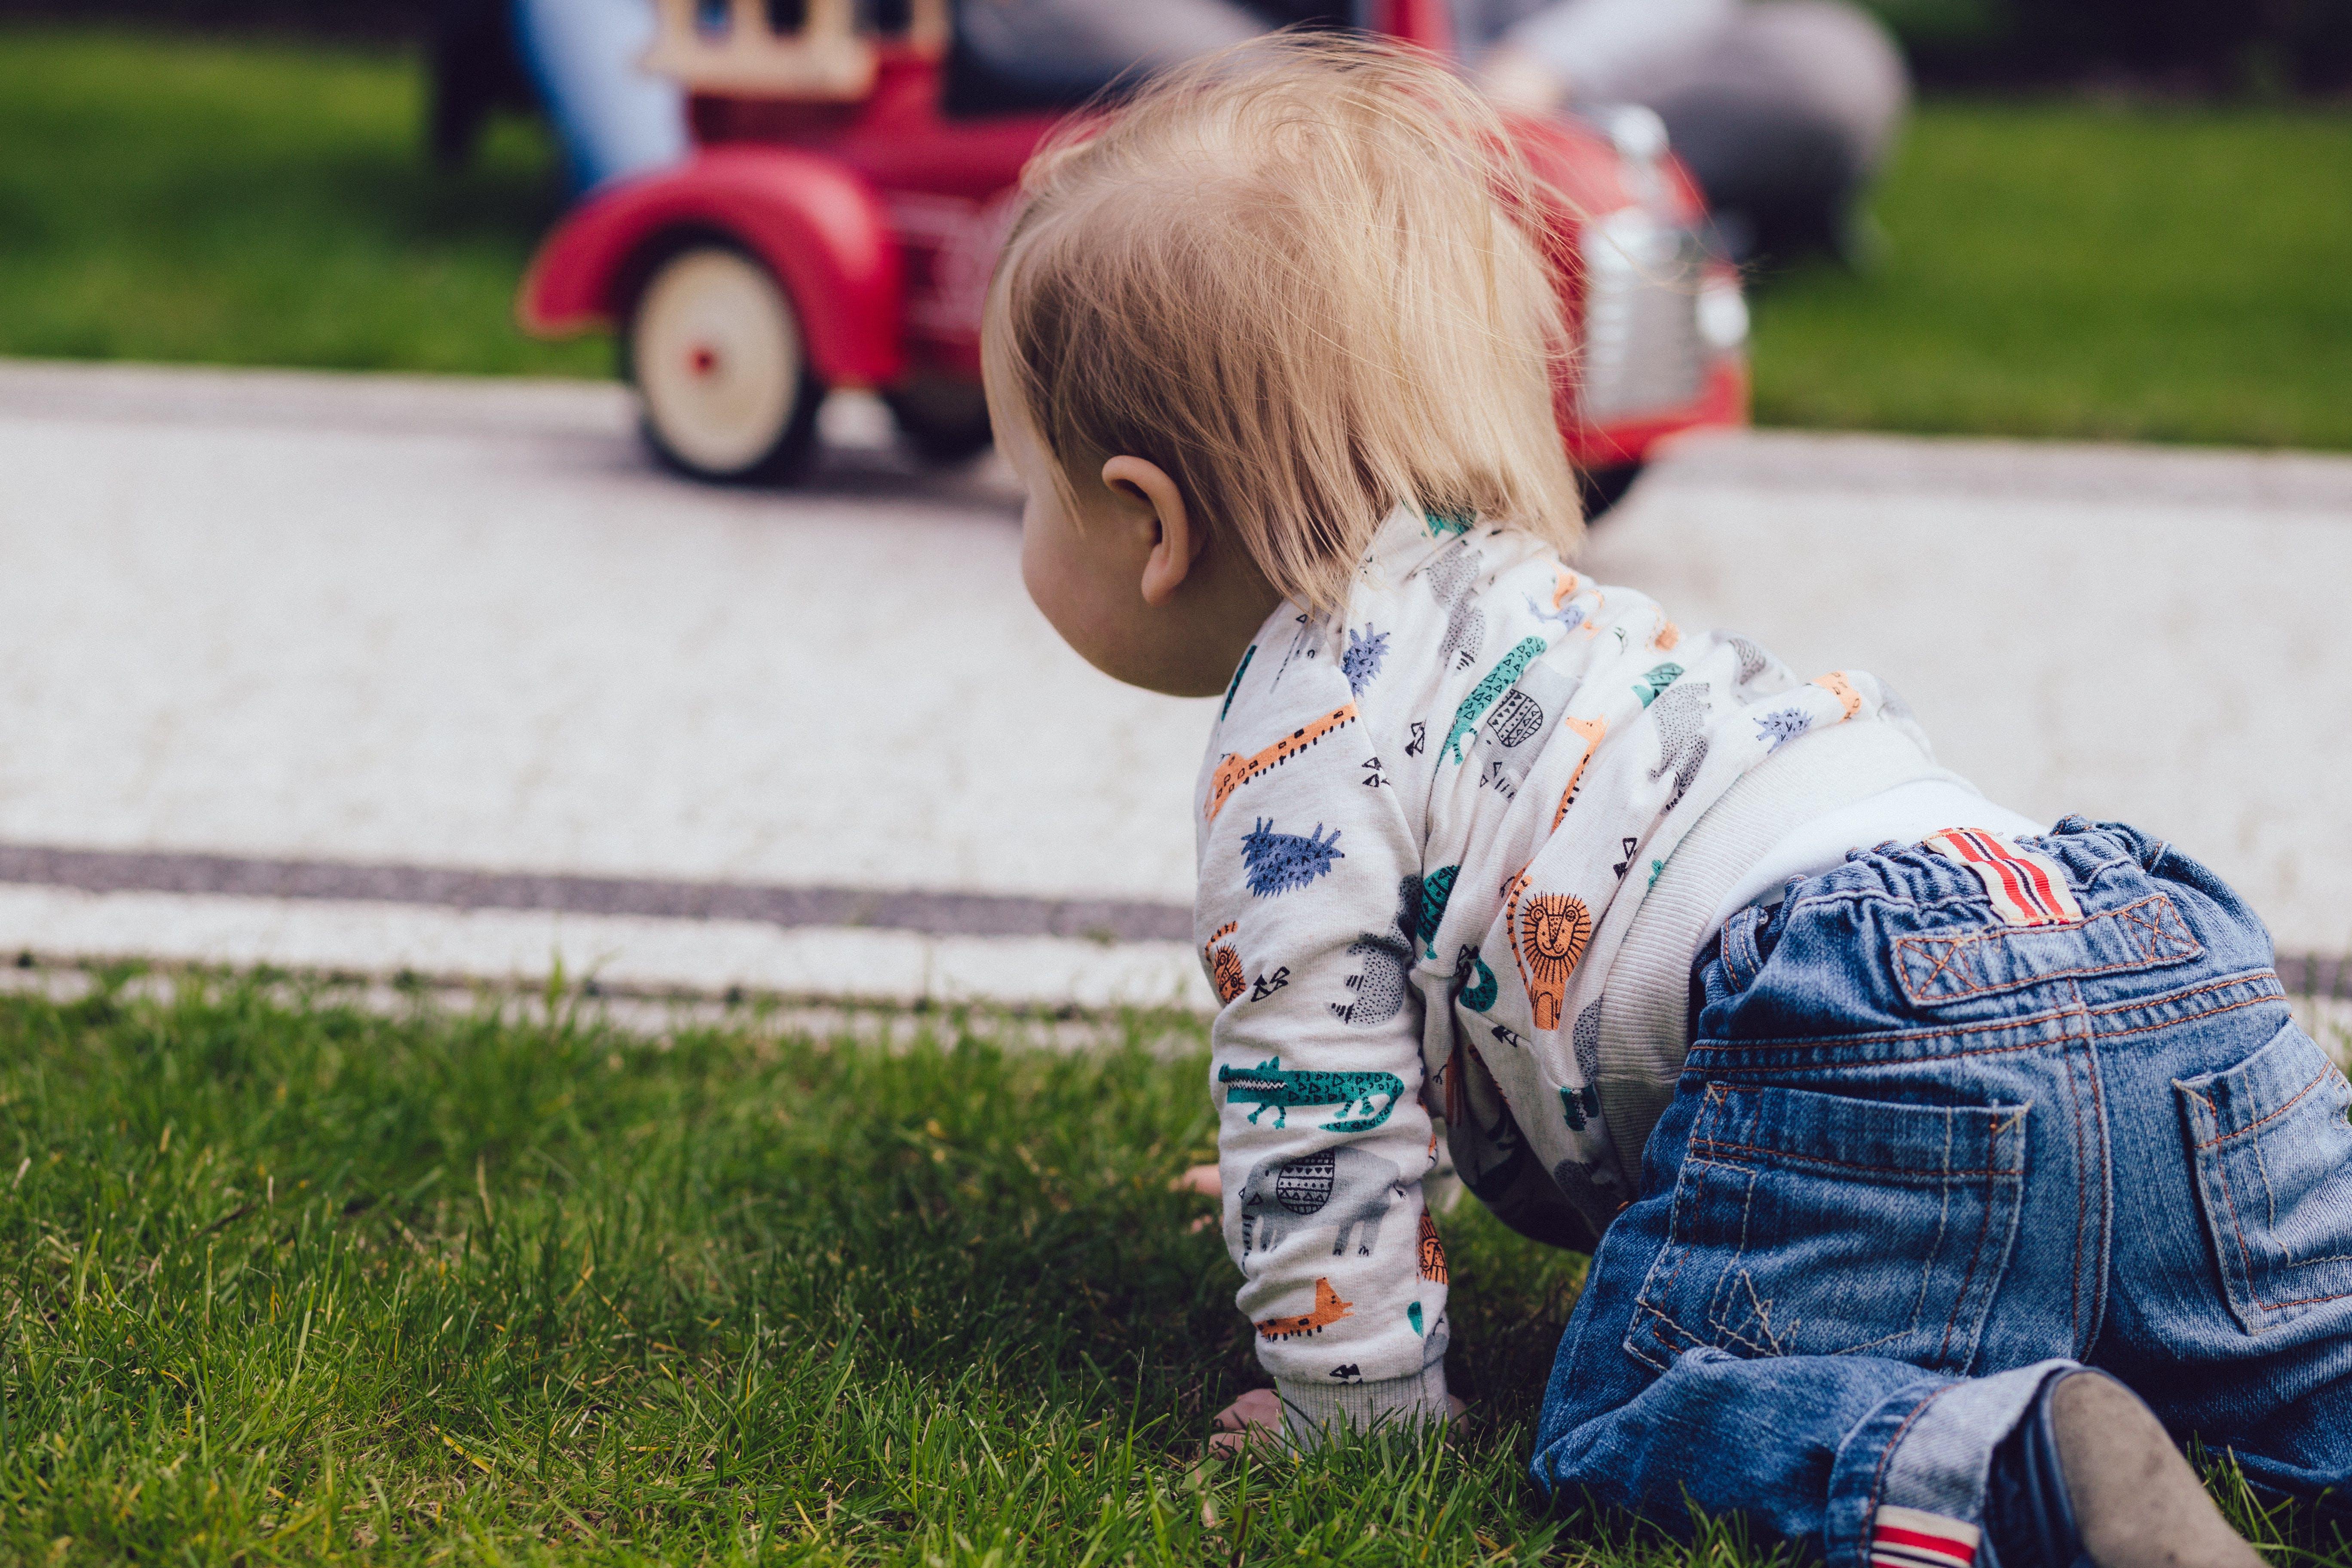 兒童, 公園, 寶寶, 小孩 的 免費圖庫相片